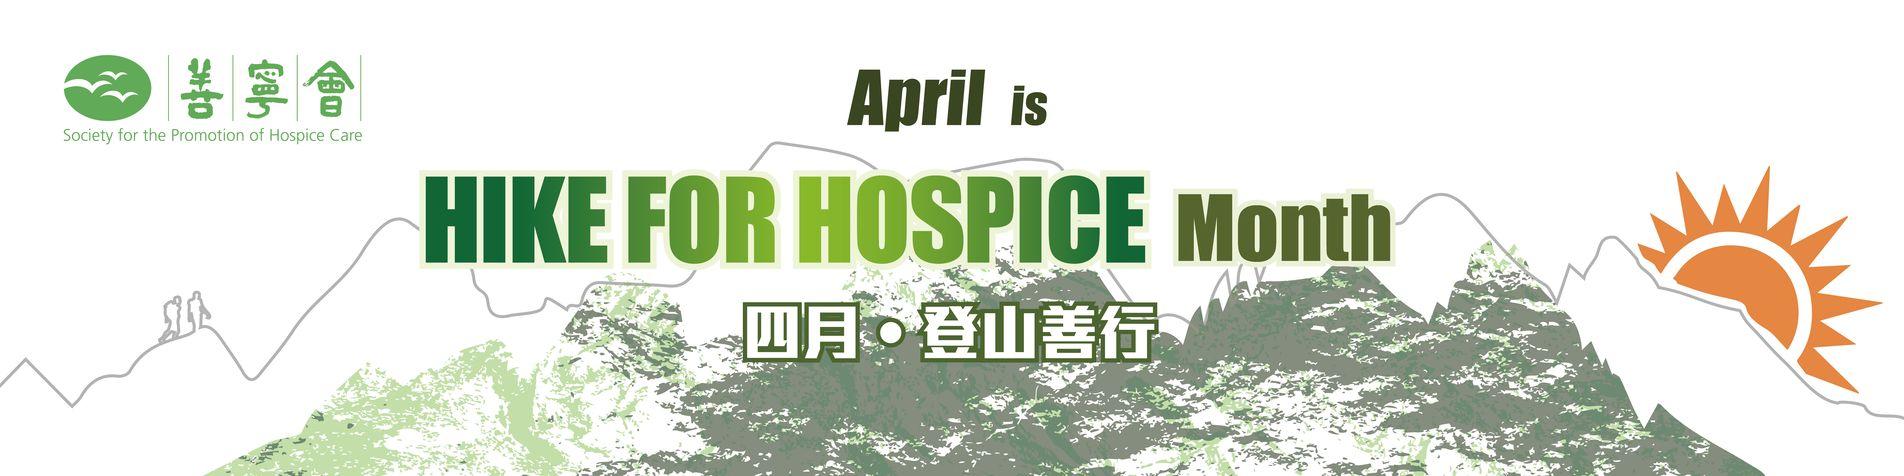 FringeBacker Fundraiser SPHC's Hike for Hospice Month - on April